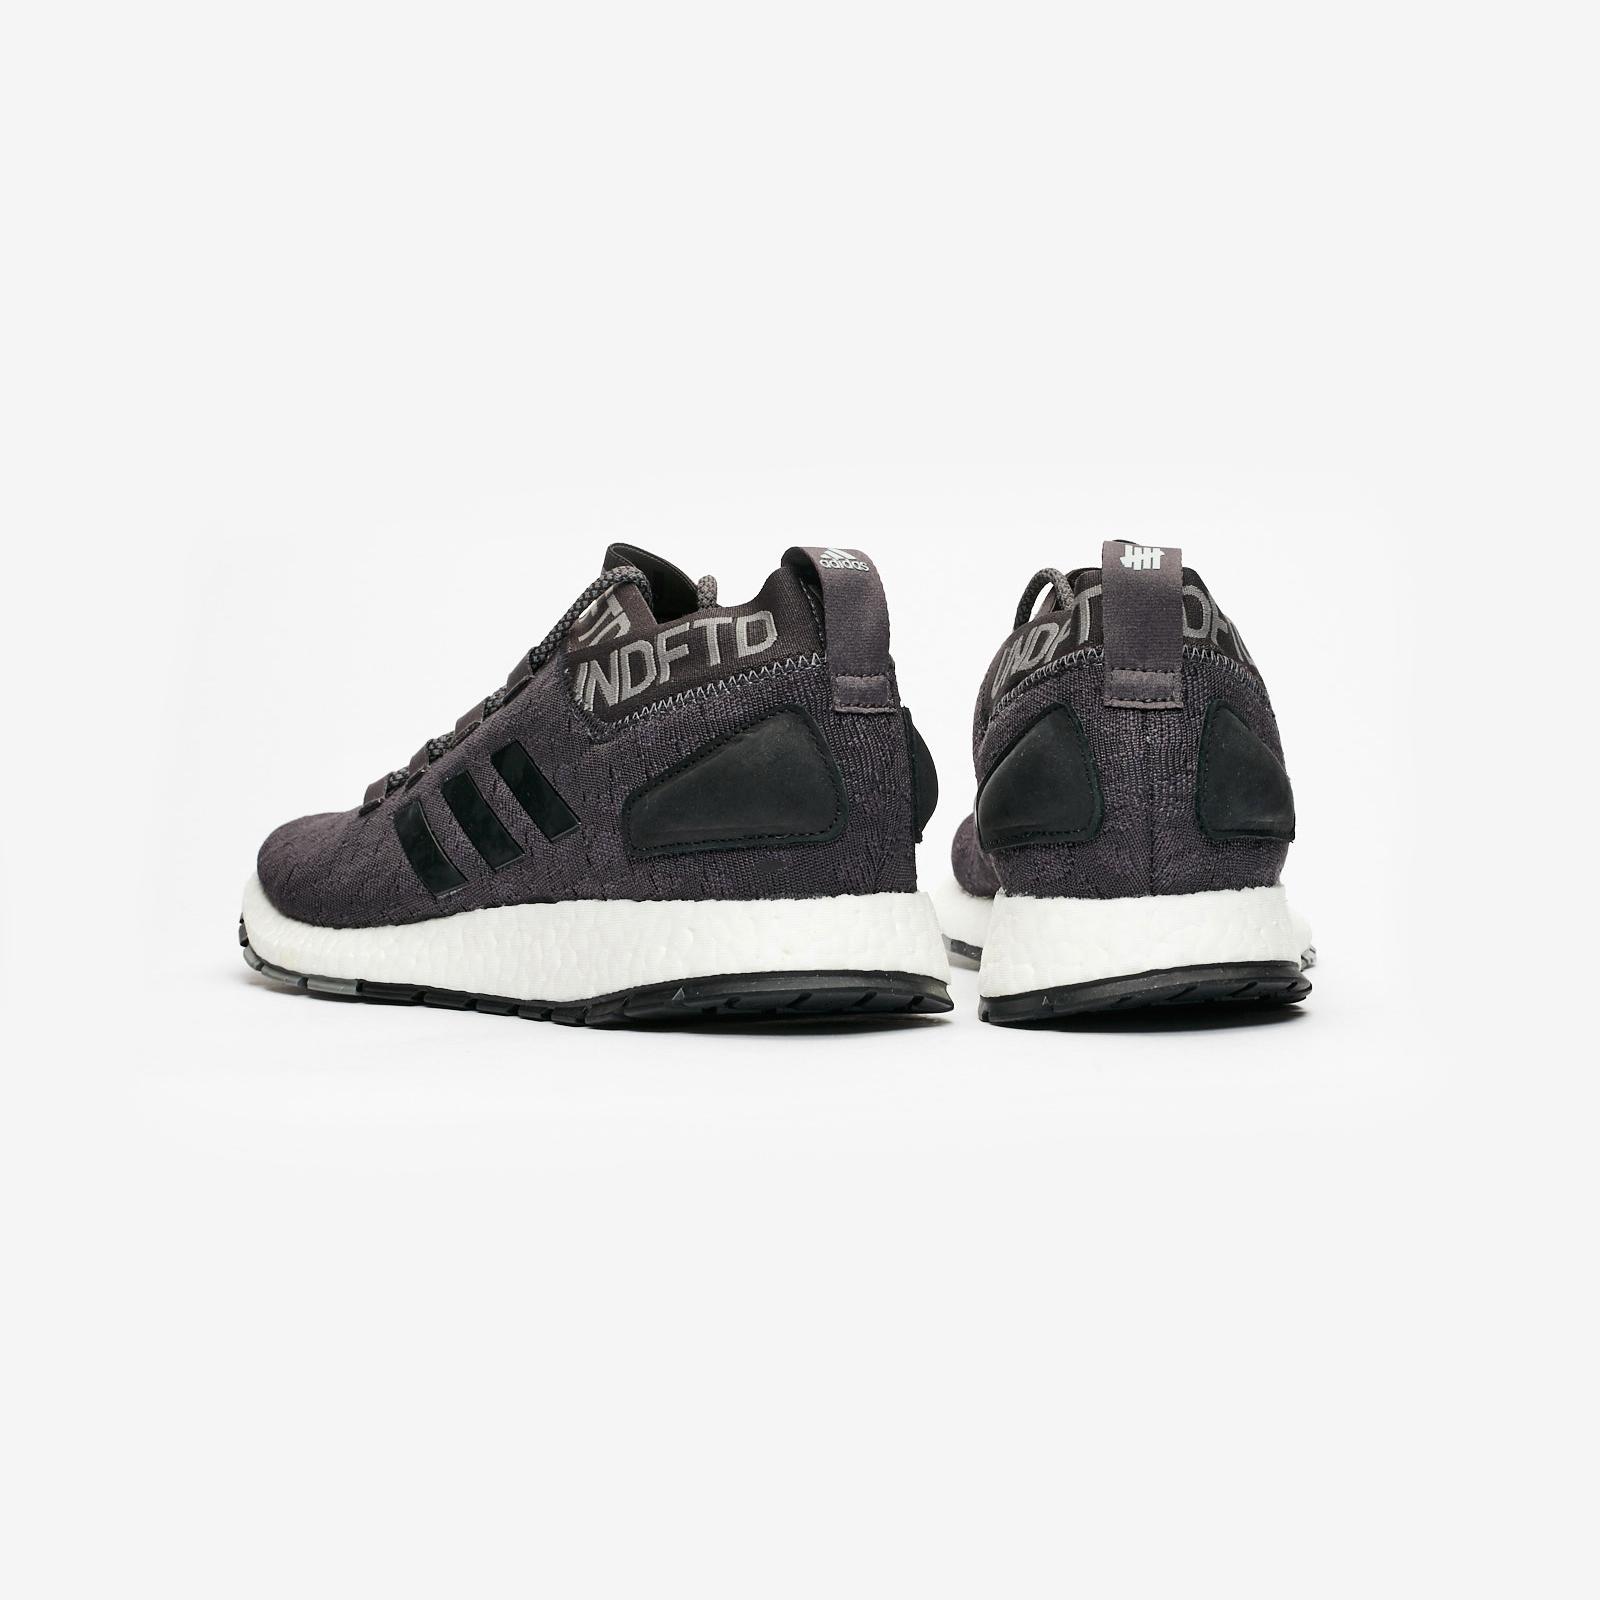 b87ef06adbd64 adidas PureBOOST RBL x UNDFTD - Bc0473 - Sneakersnstuff